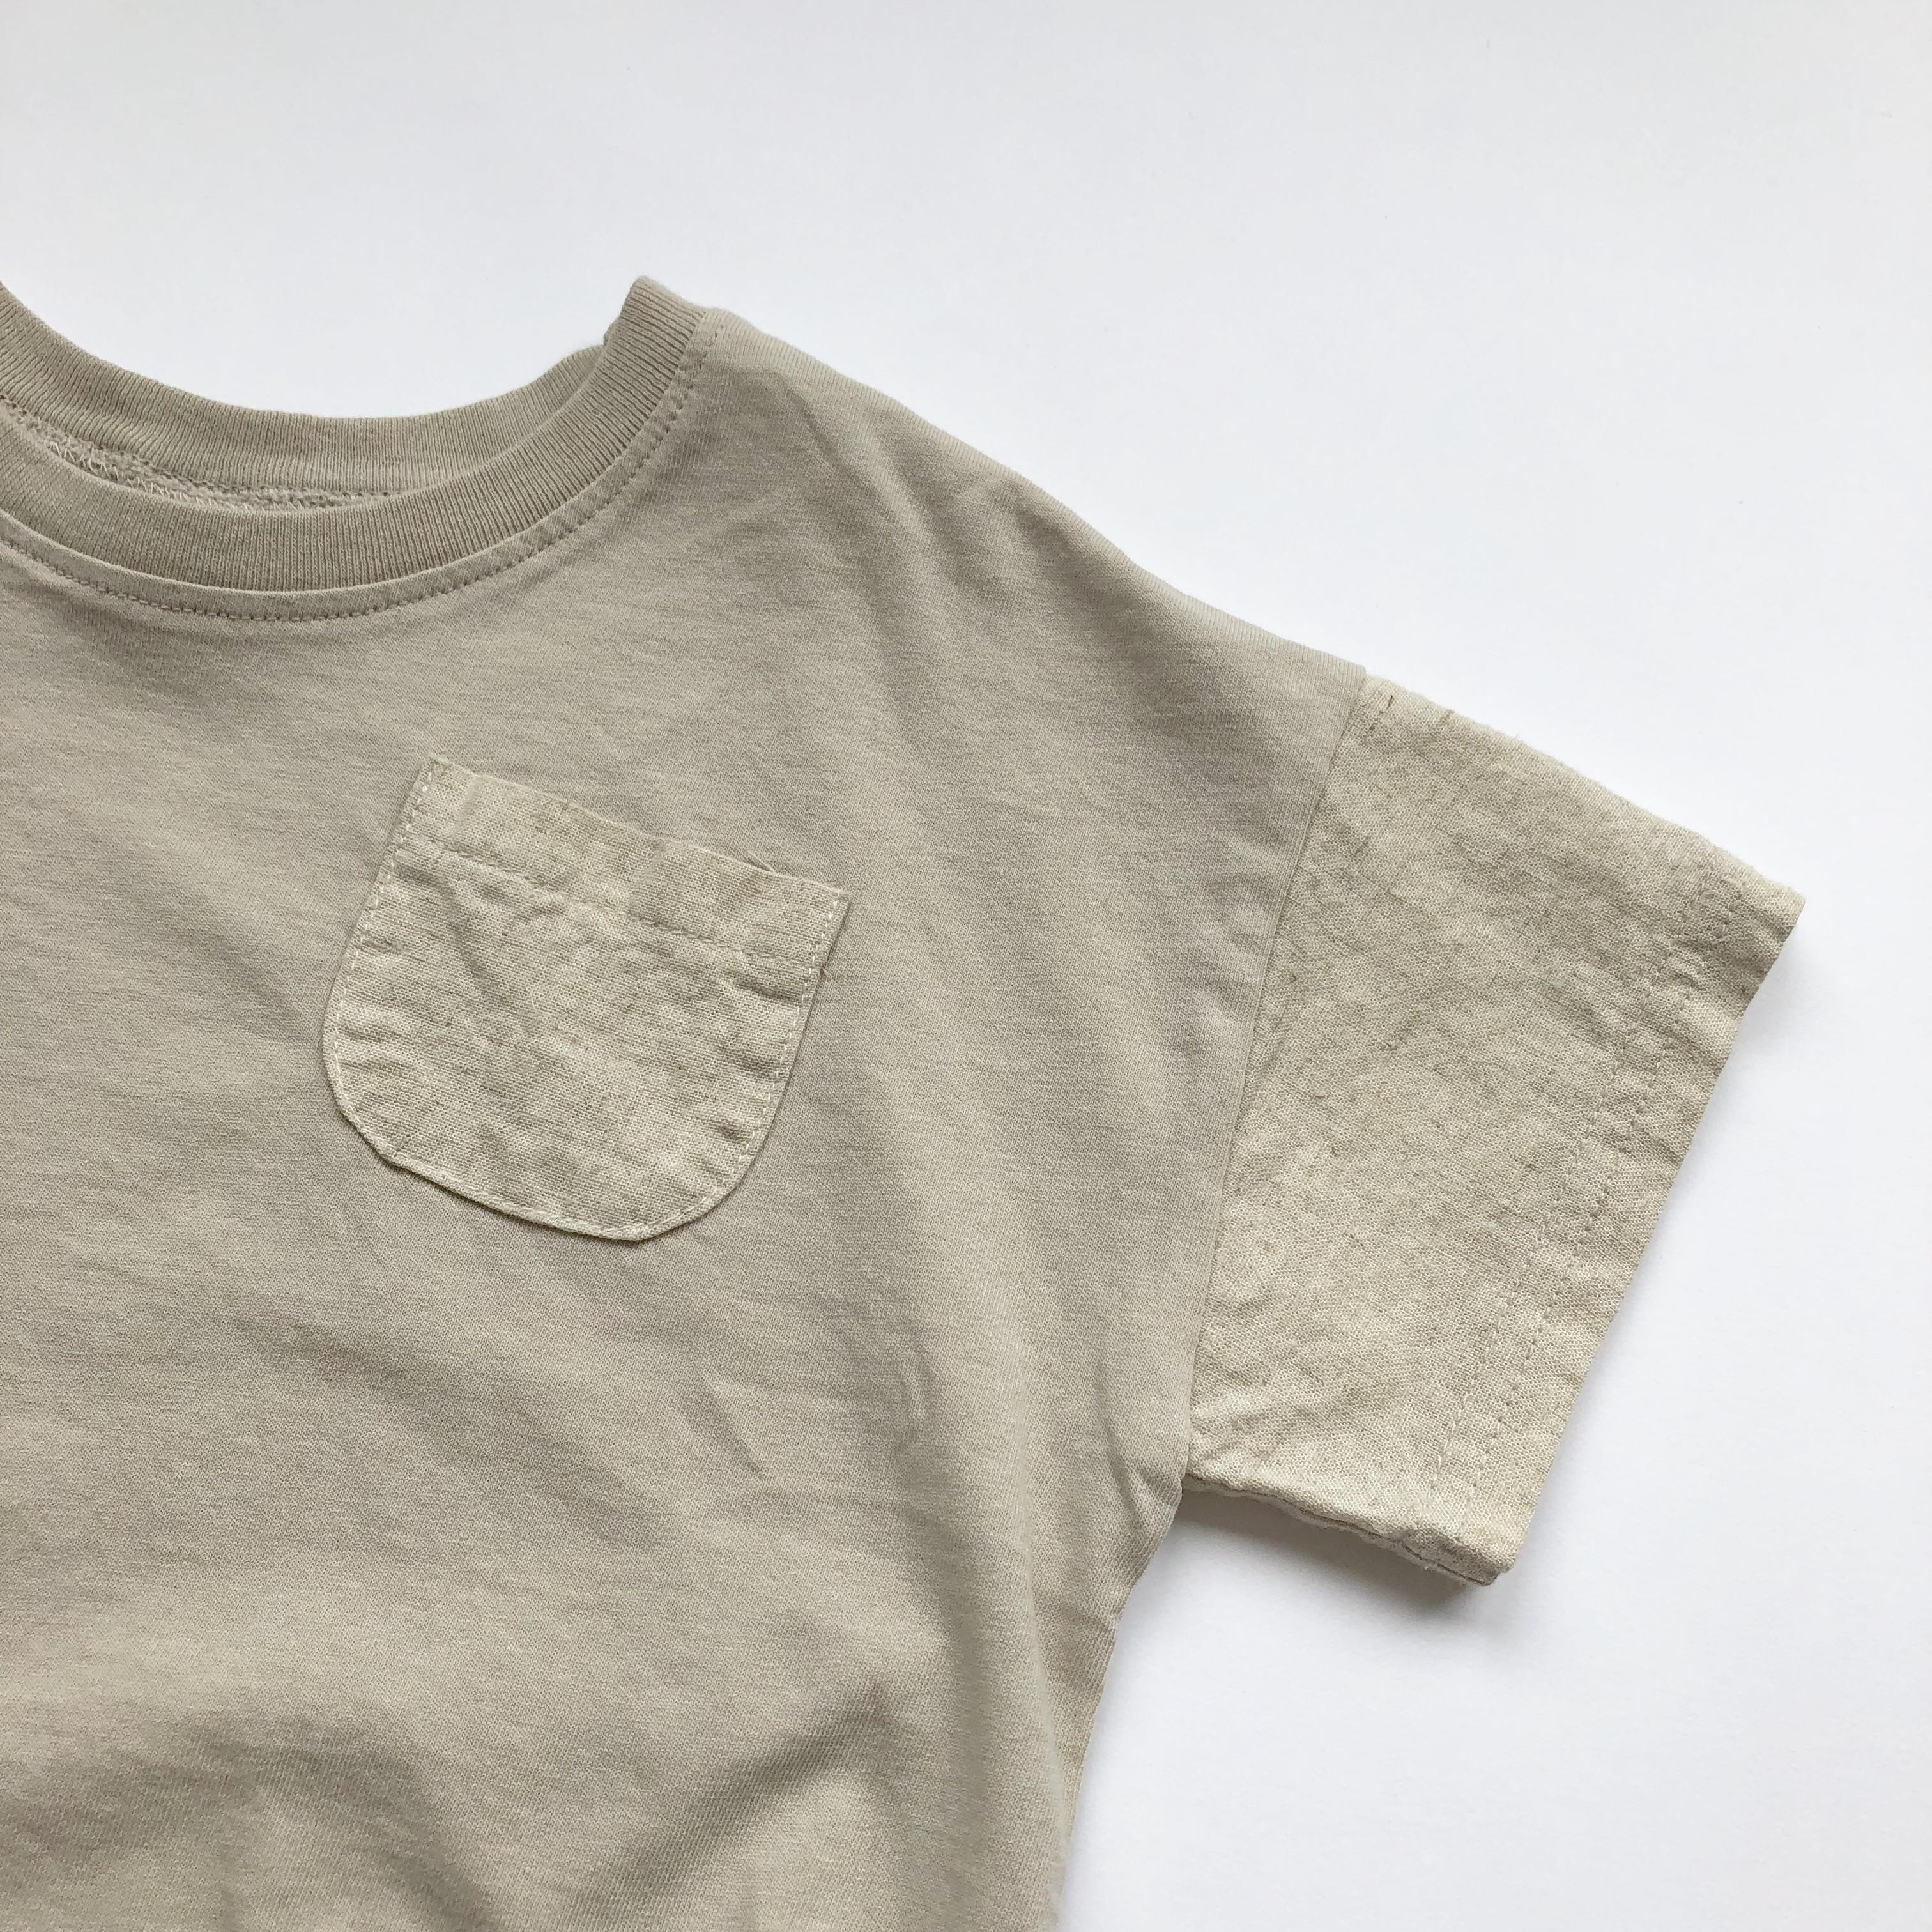 《 173 》Simple linen T